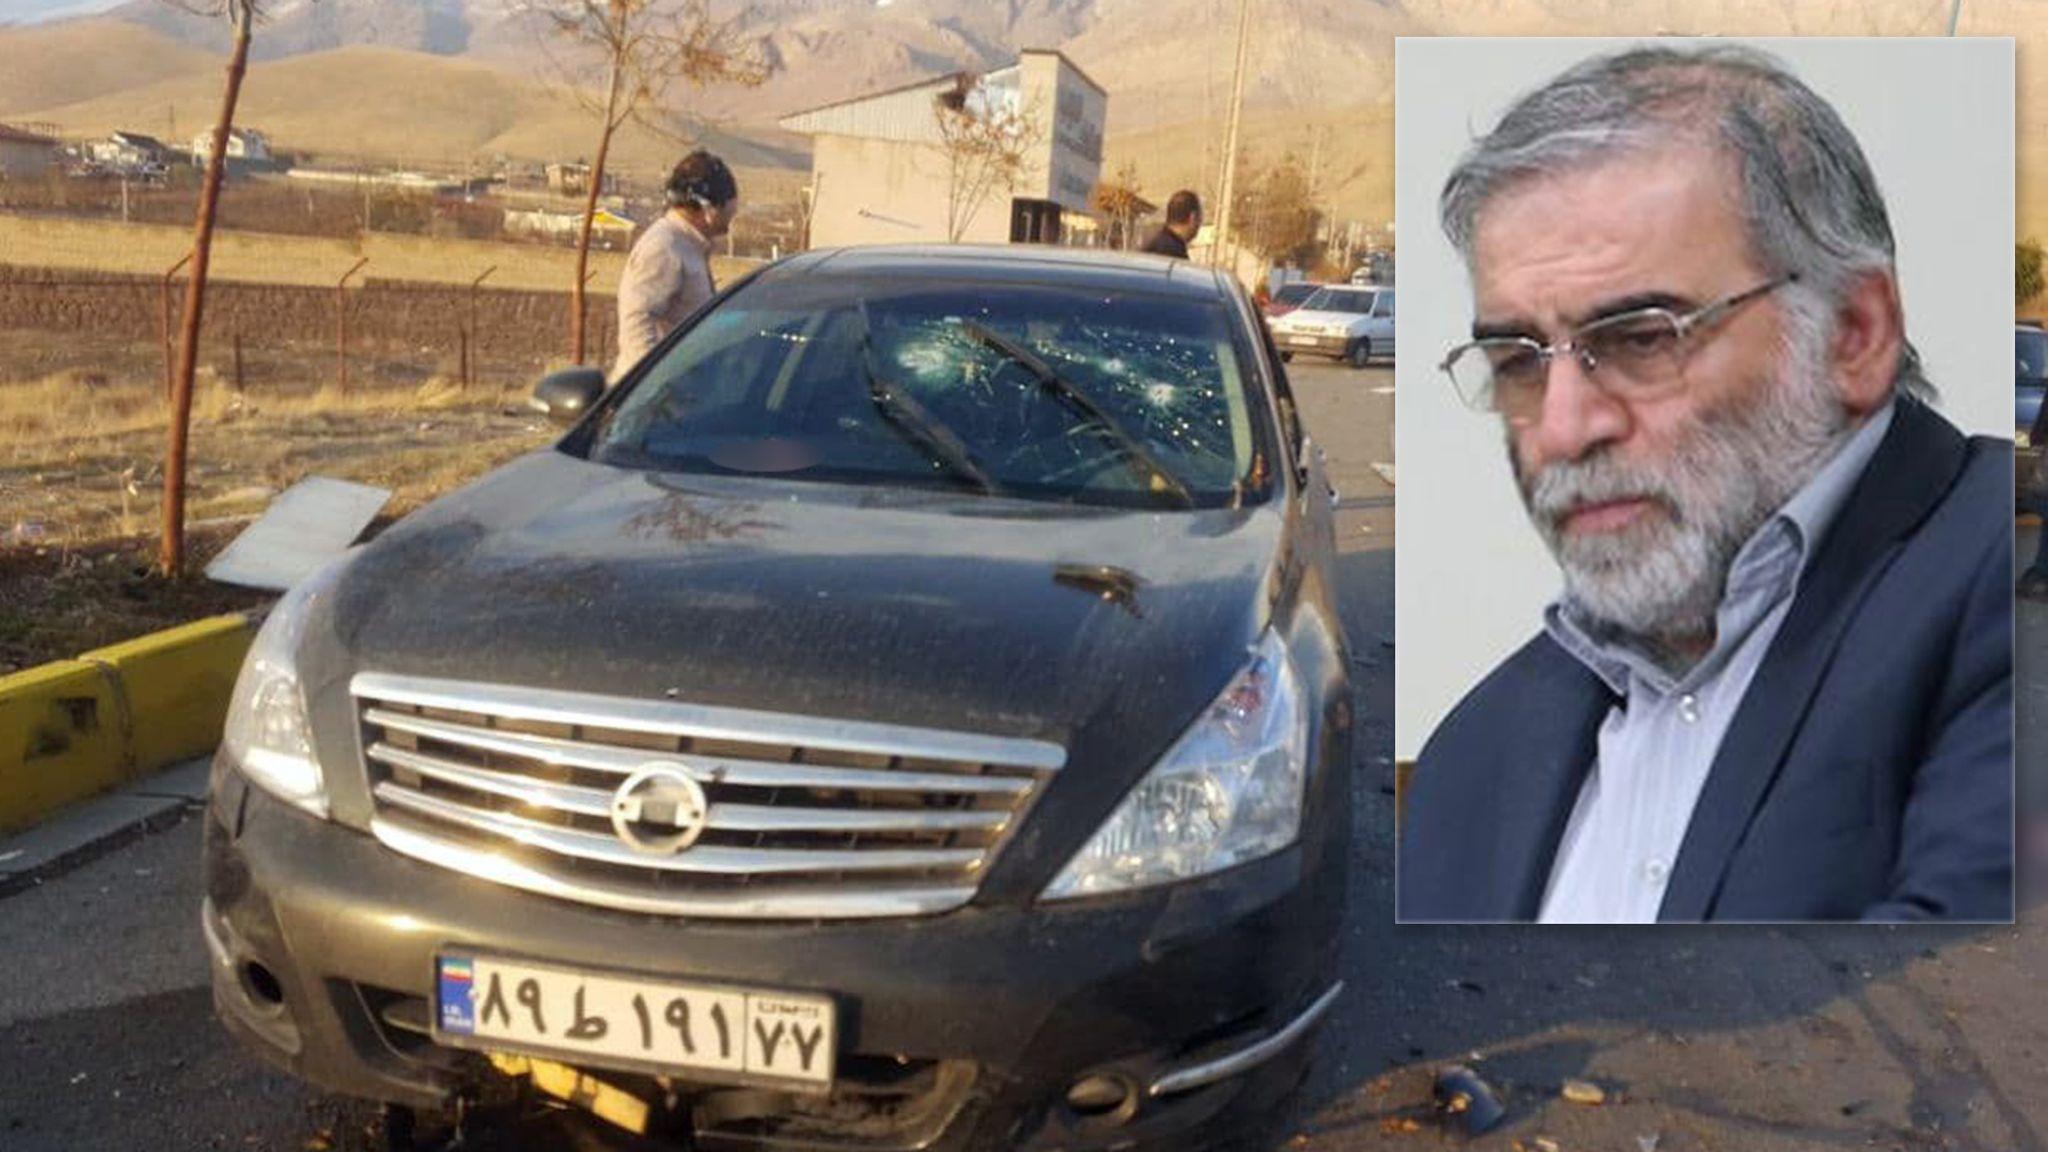 Liệu Iran có thật sự thực hiện kế hoạch 'trả thù tàn khốc' sau vụ ám sát nhà khoa học hạt nhân? - Ảnh 1